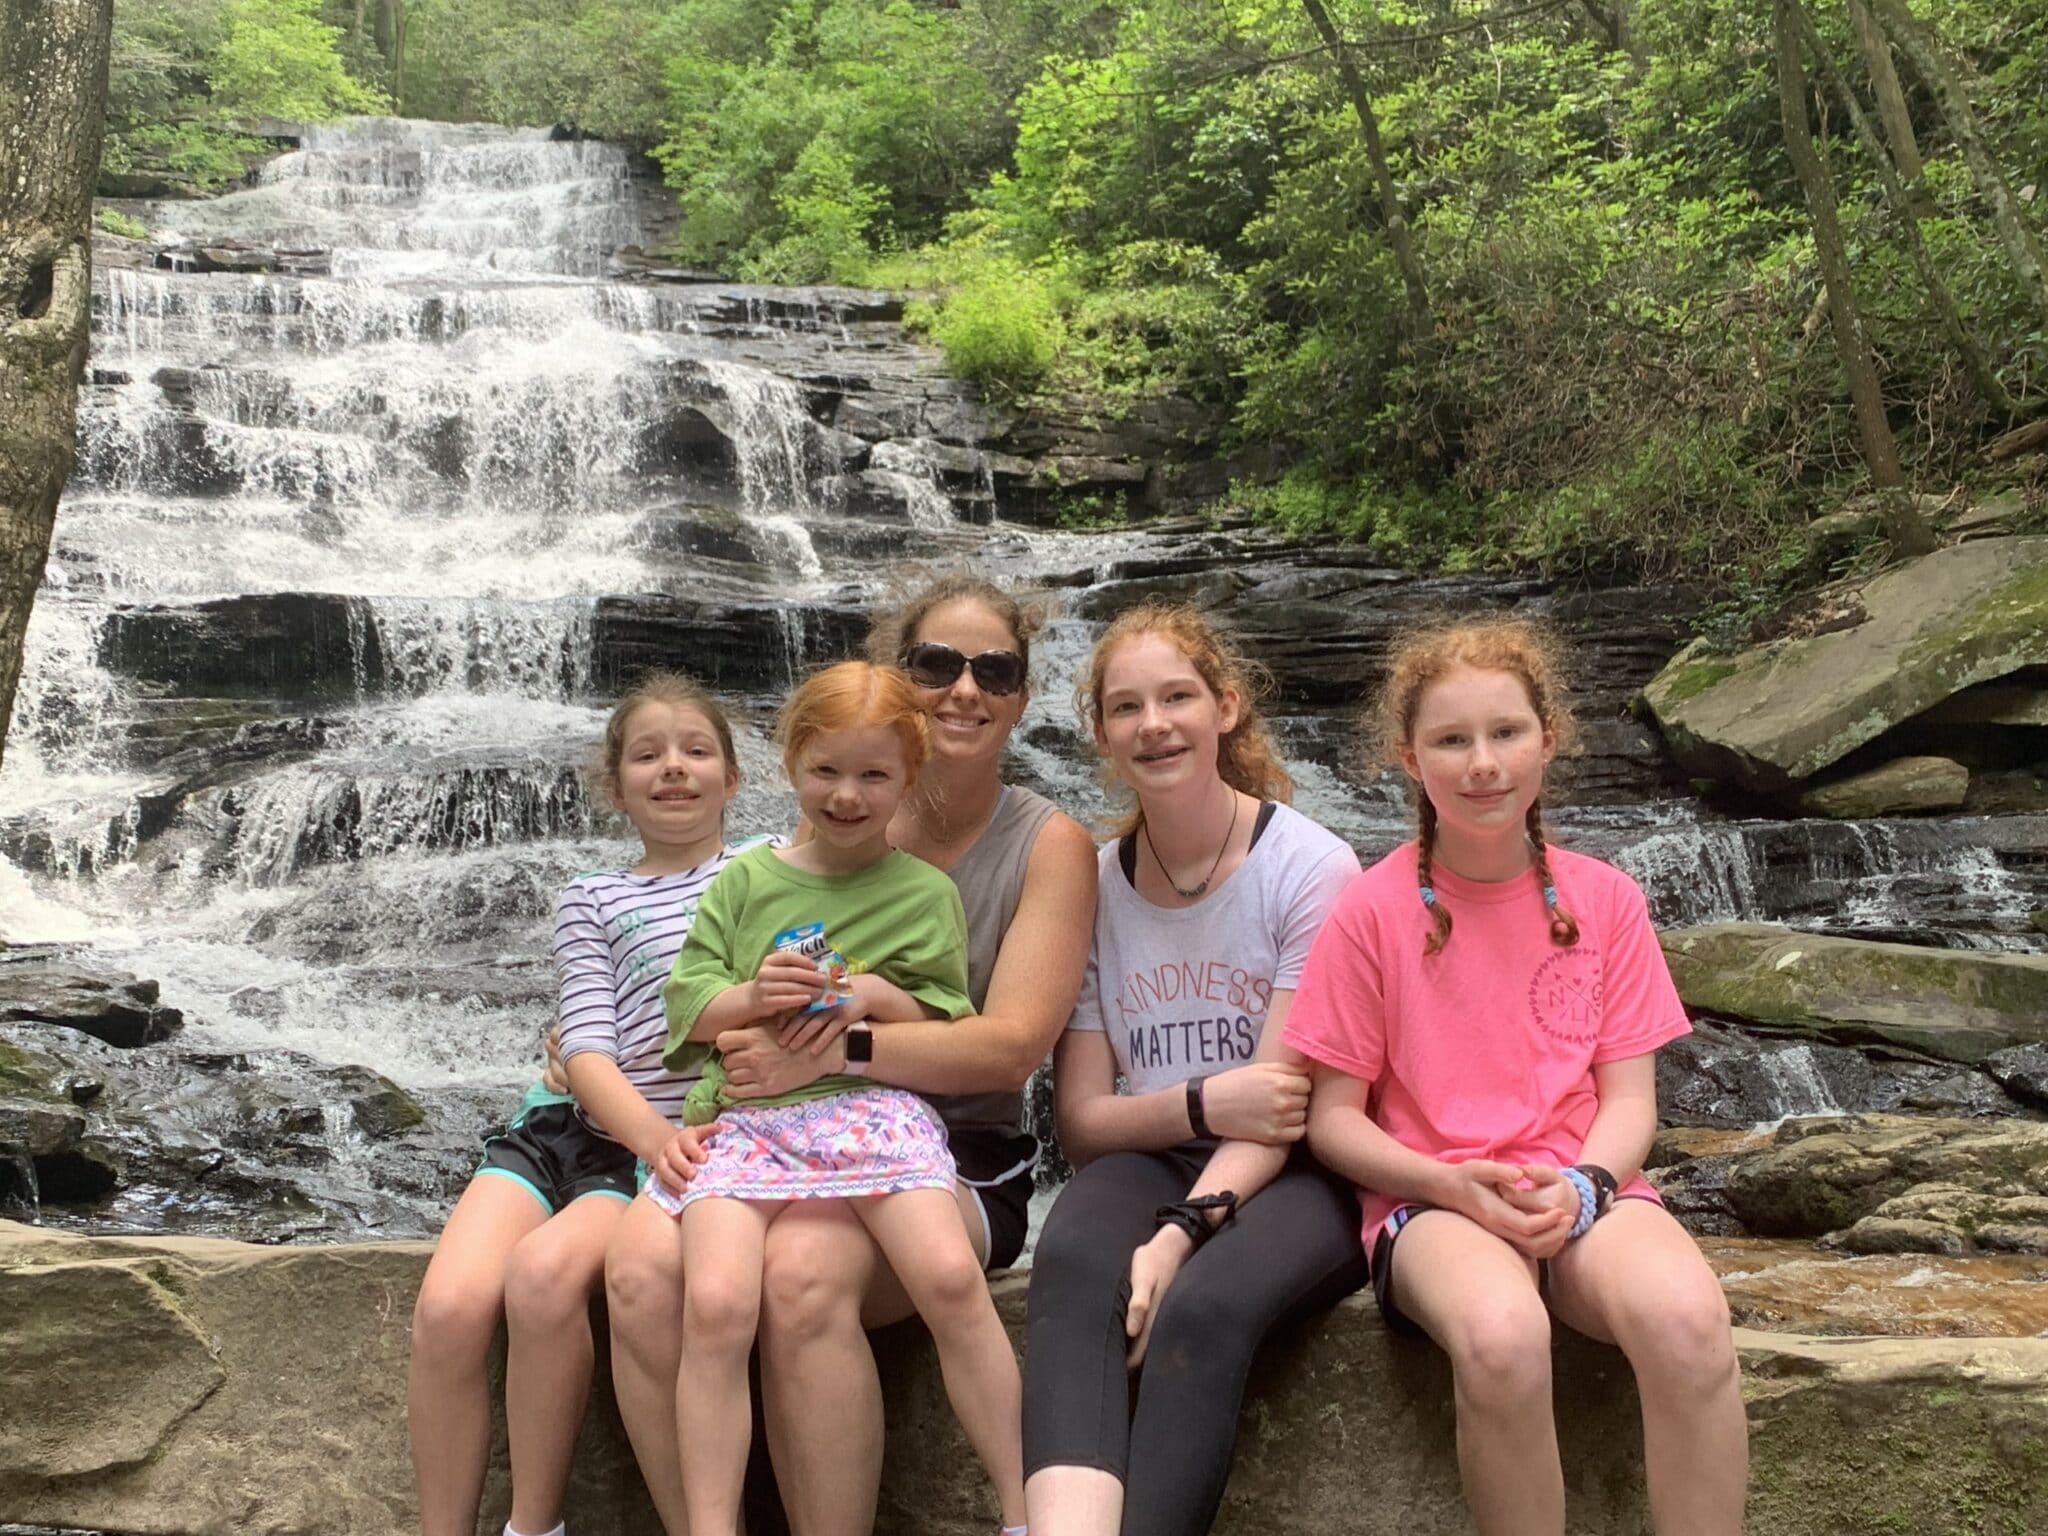 At Panther Falls